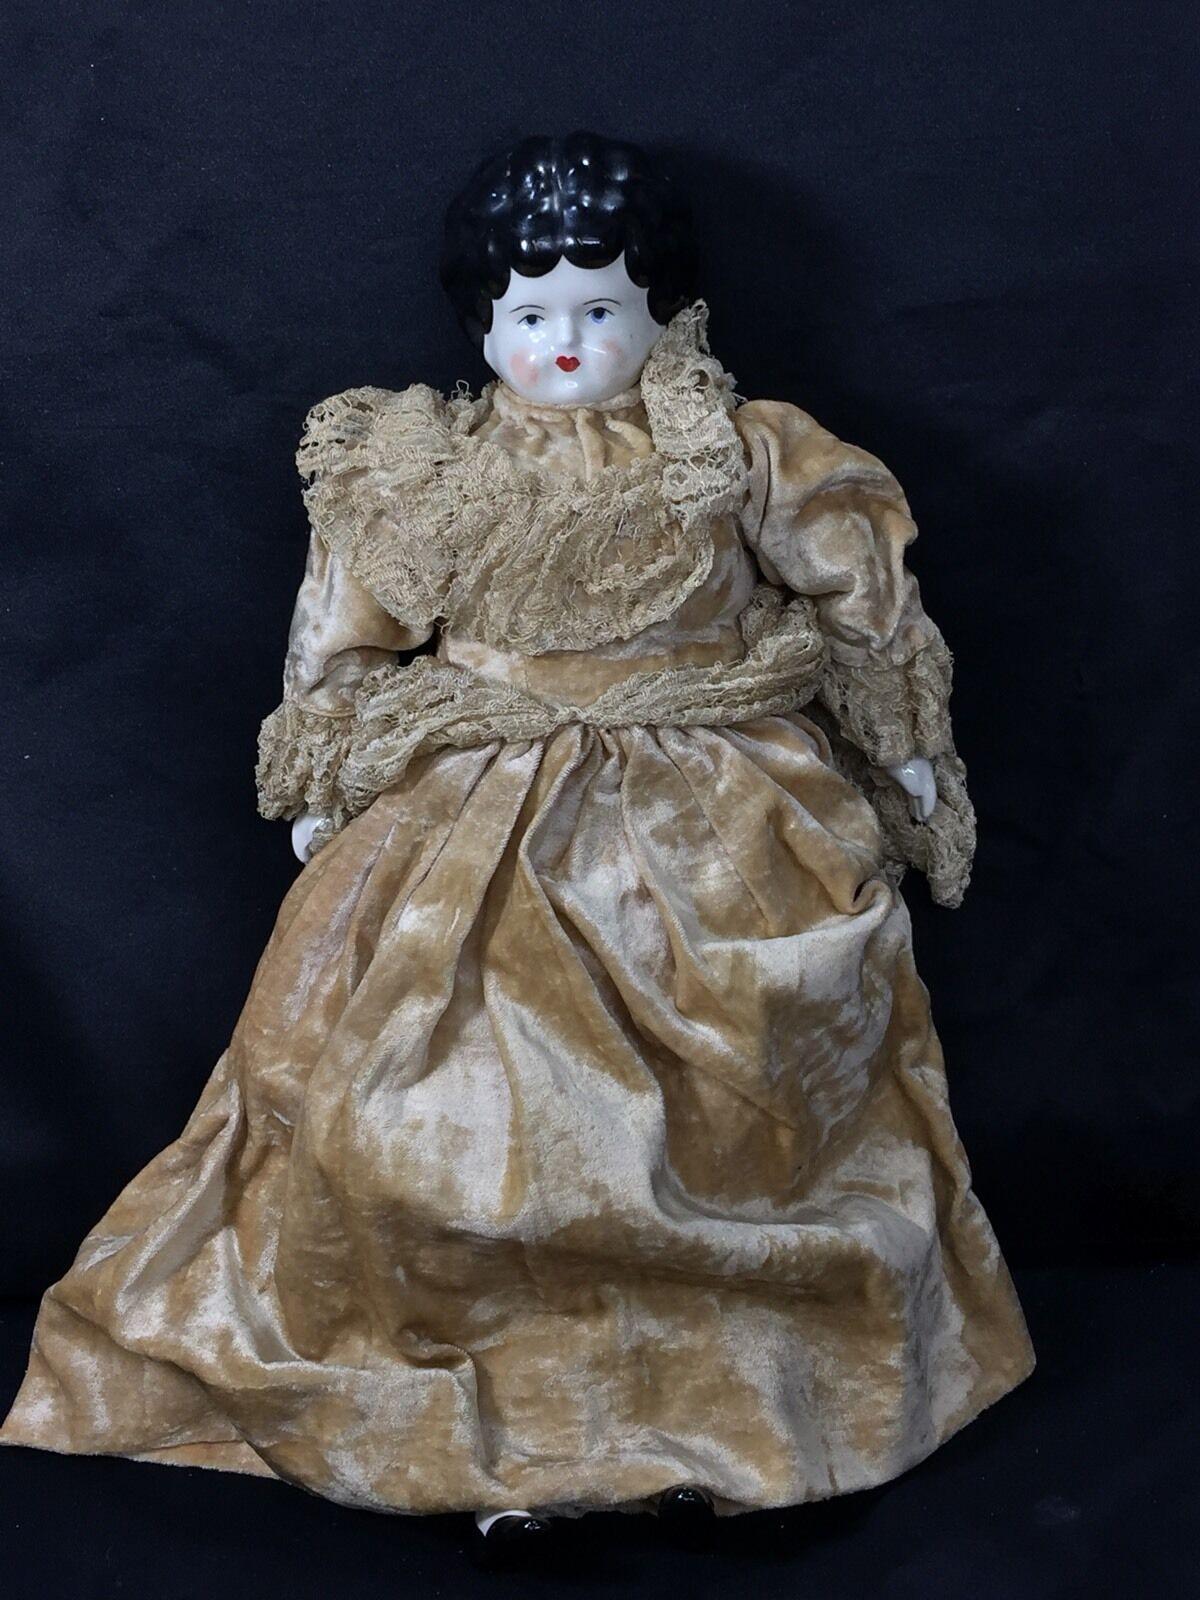 15  Largo Muñeca De Porcelana Dama Vestido Con Encaje hecho en casa bajo la ropa